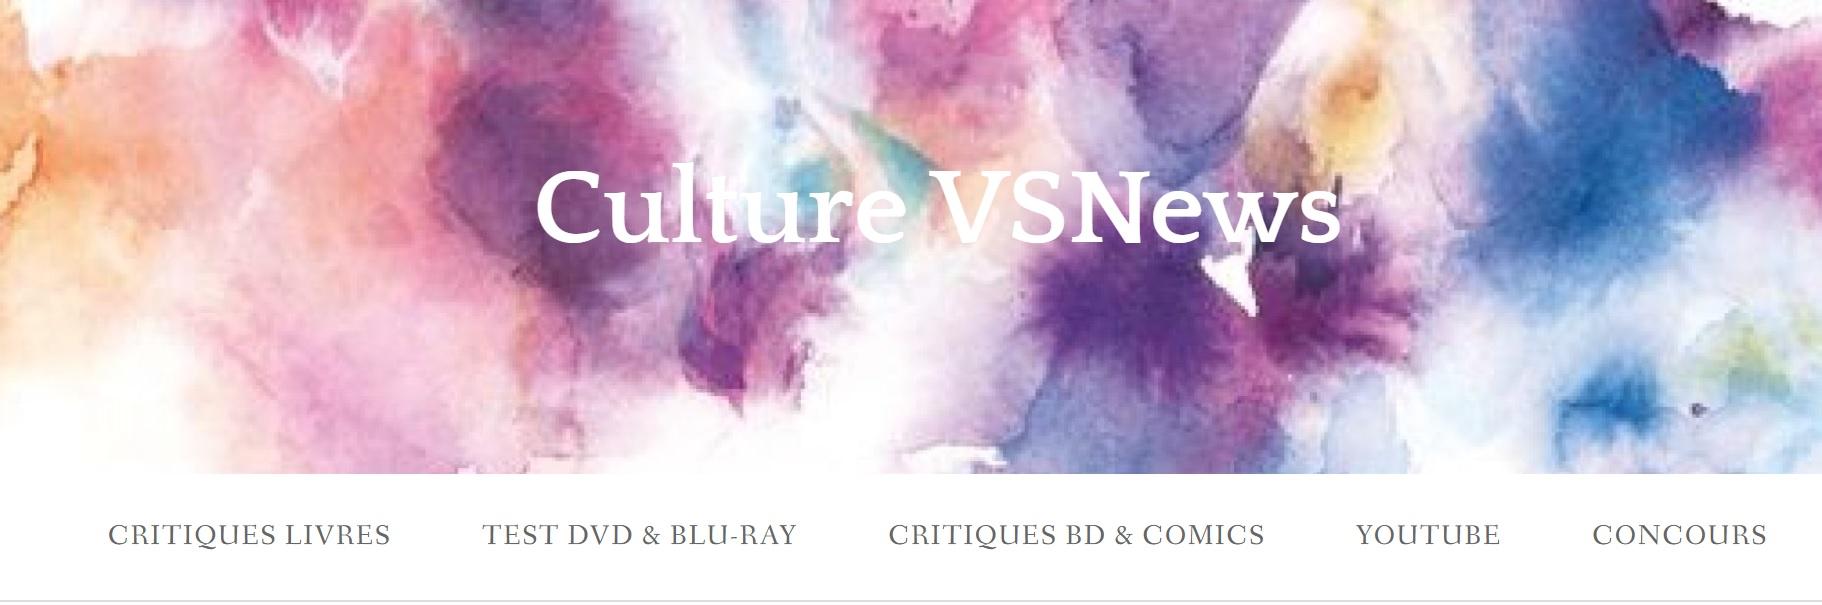 culturevsnews